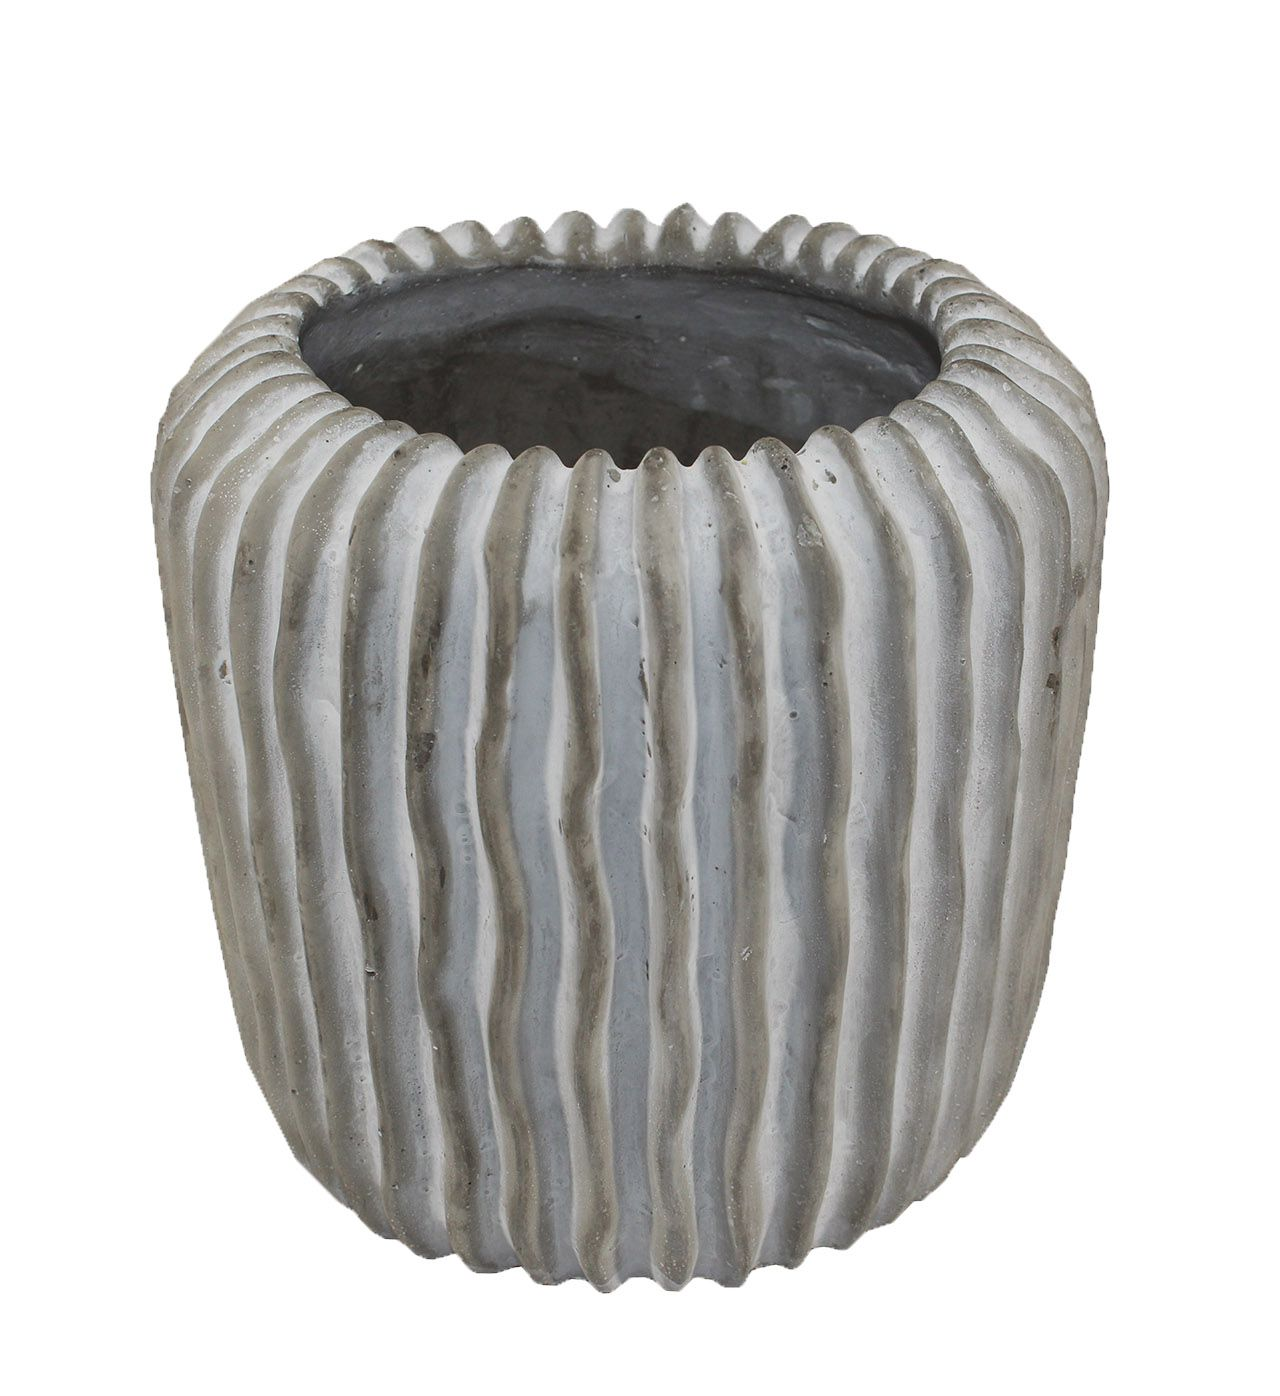 Vaso de cimento redondo frisado - 16cm altura  X 12cm boca